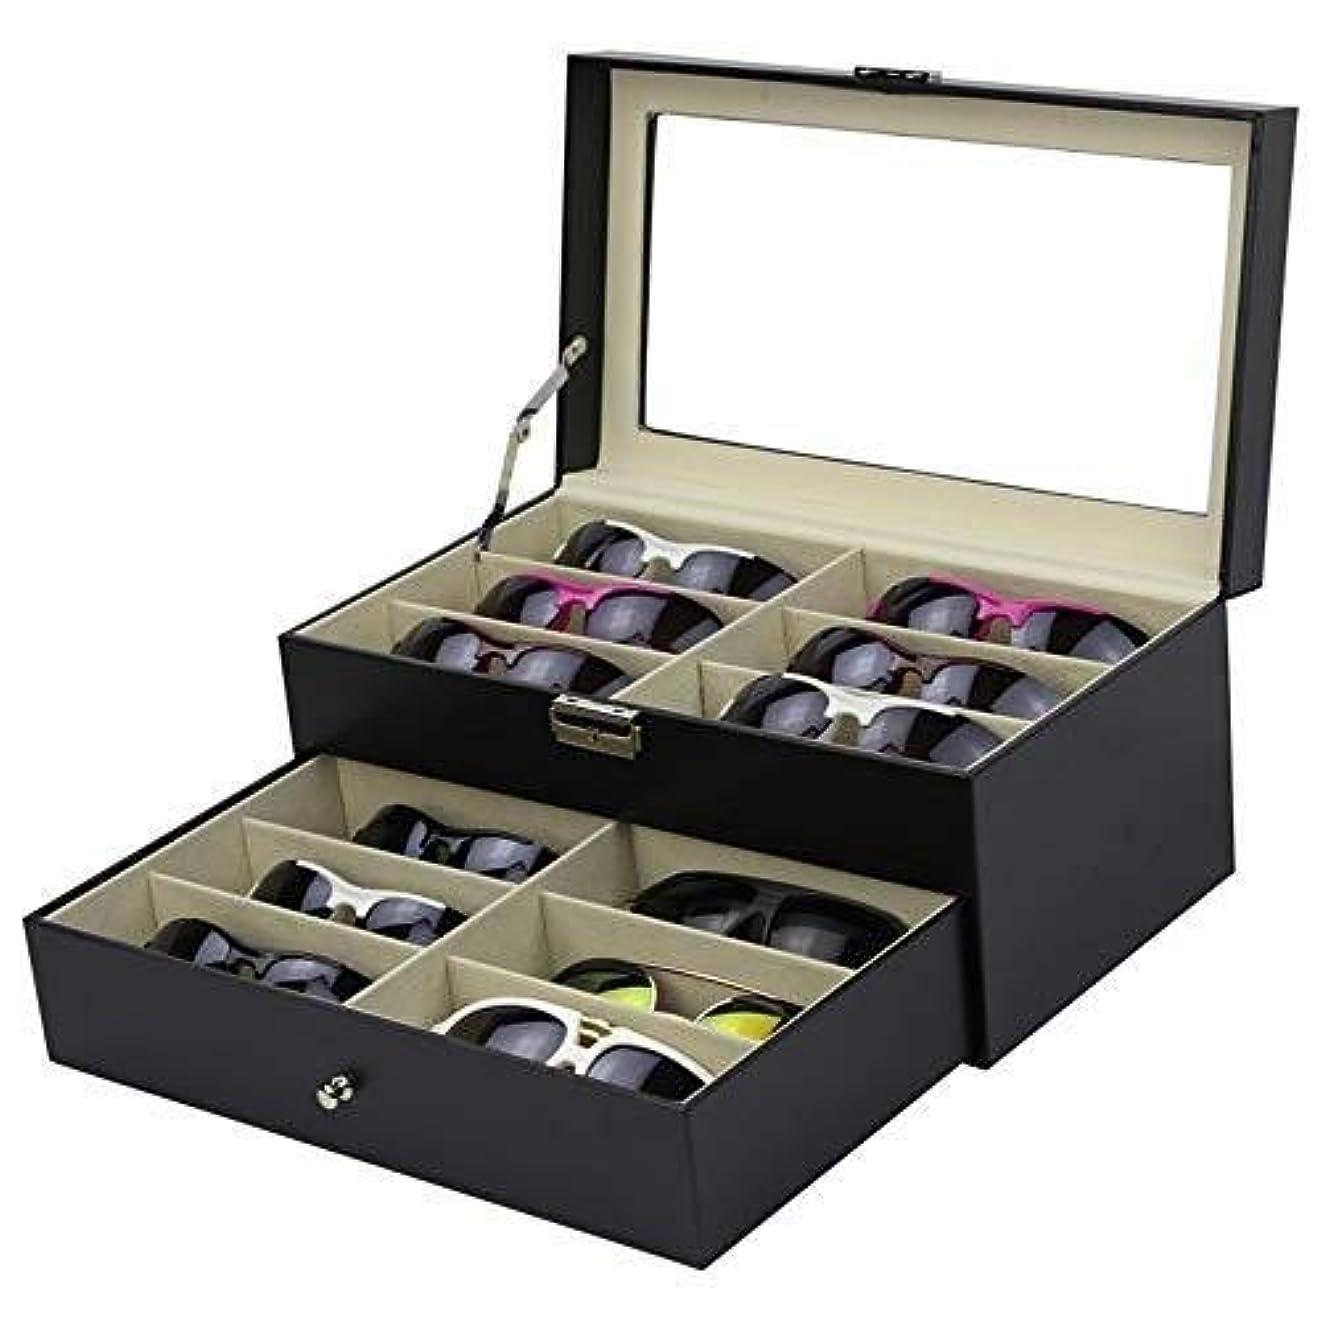 サングラスディスプレイオーガナイザー - 12スロットのメガネ収納とコレクターボックス - 鍵とロック付きのプレゼンテーション用の大型レザーホルダー - アイウェア、ジュエリー、キーホルダー、時計に最適